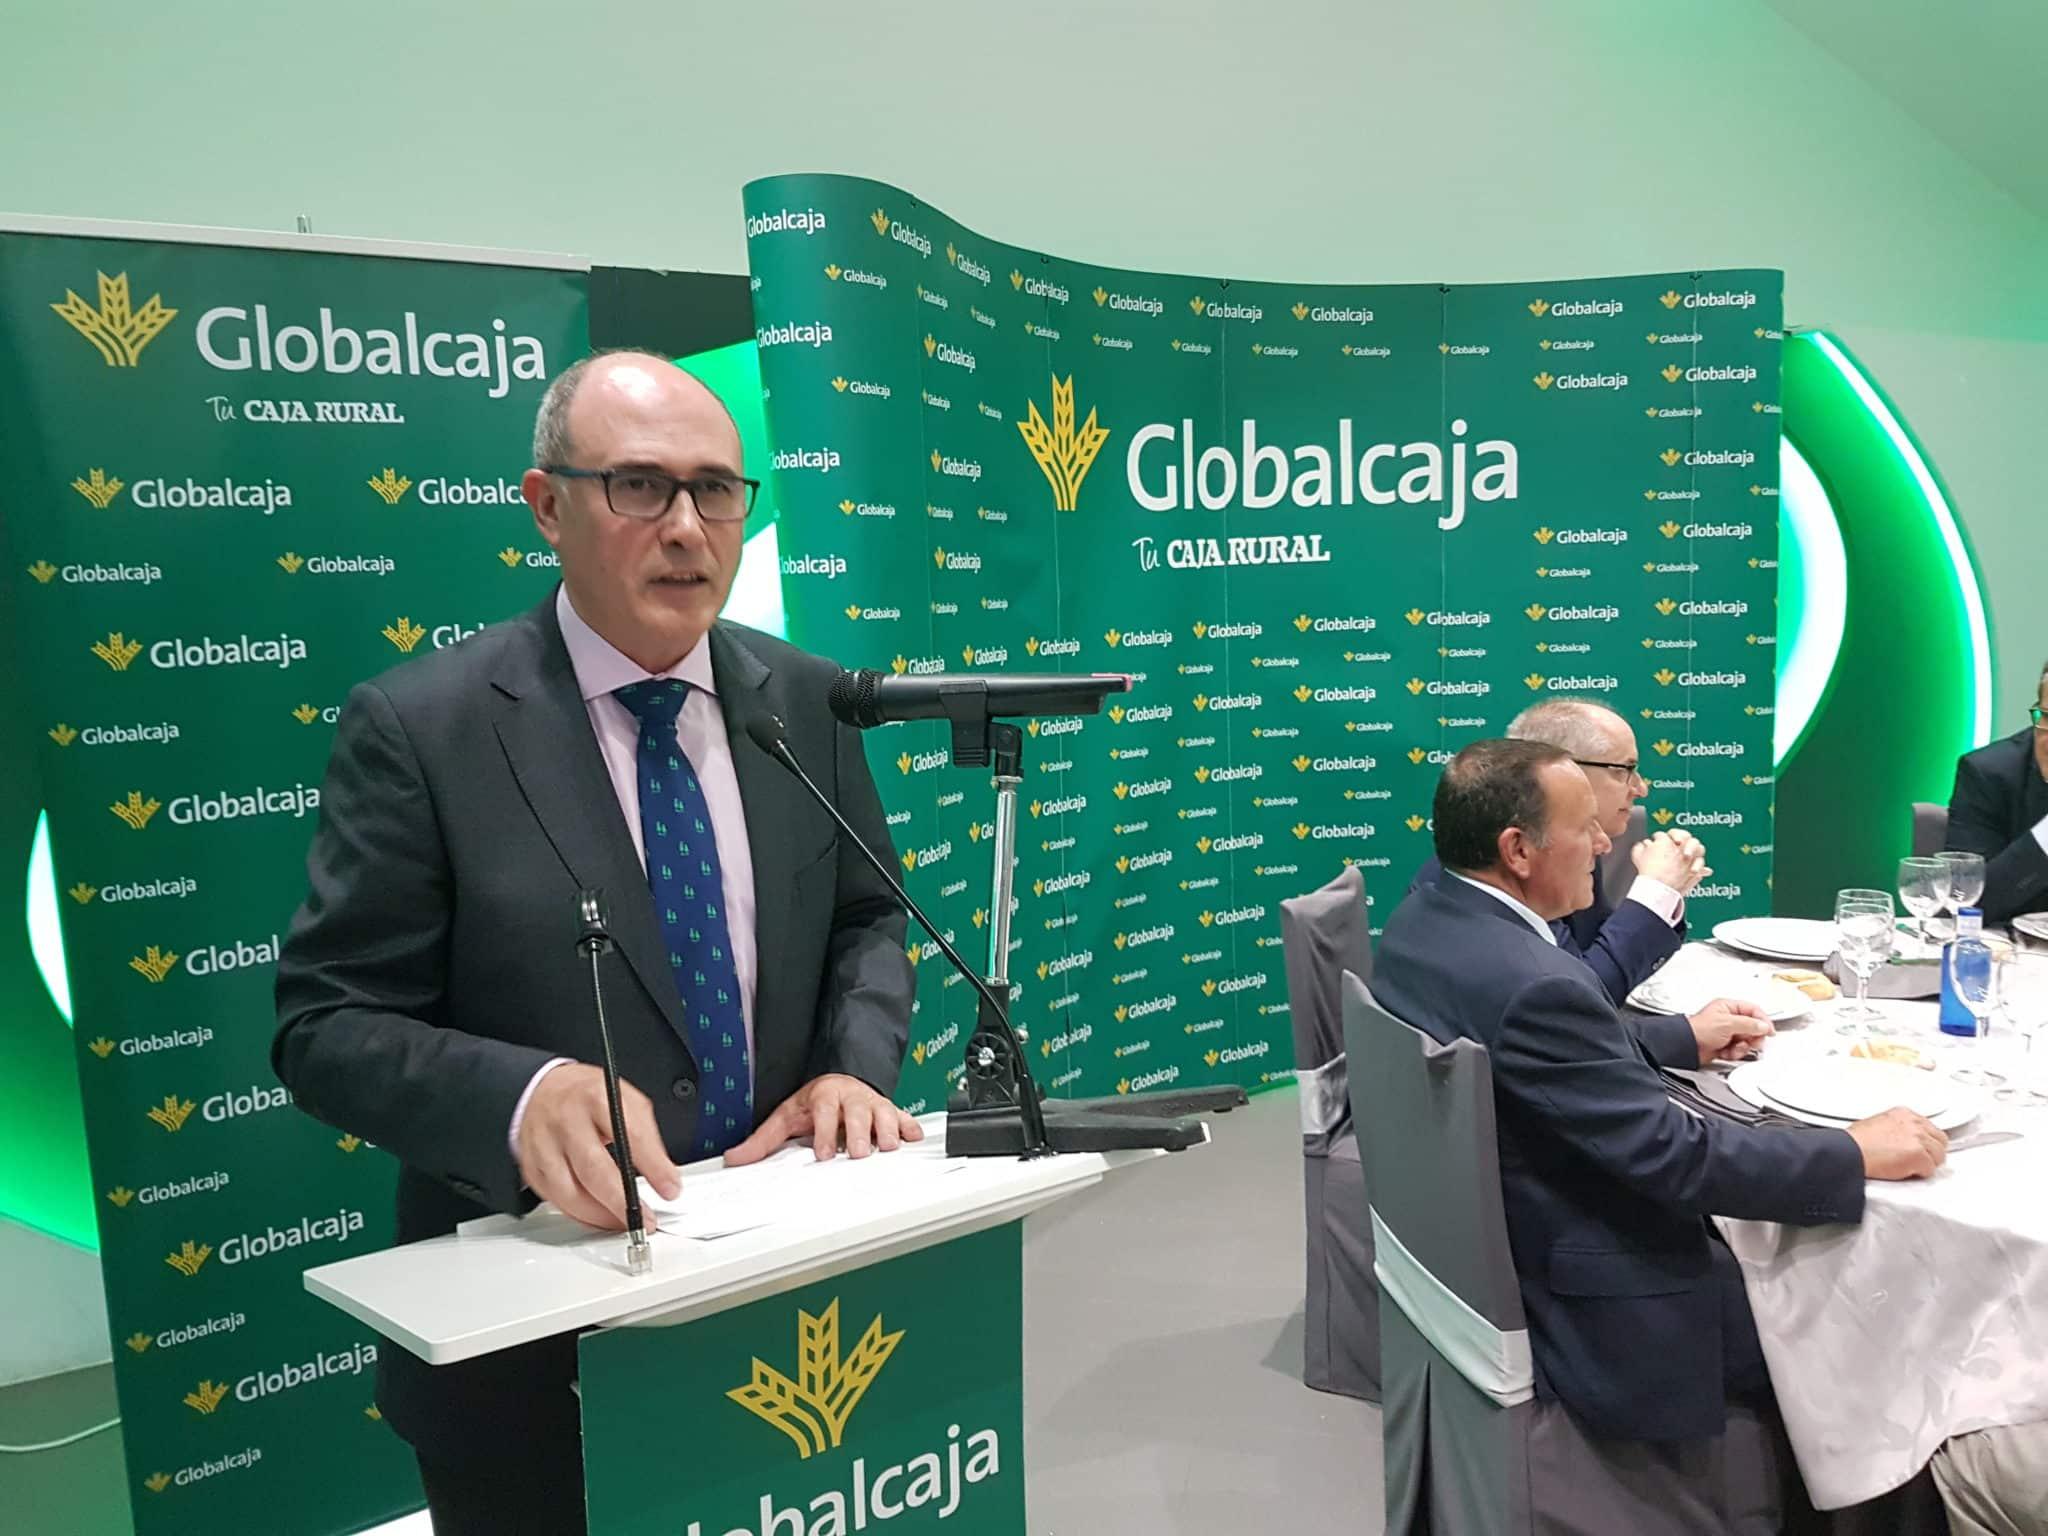 https://blog.globalcaja.es/wp-content/uploads/2018/05/20180524_150657.jpg